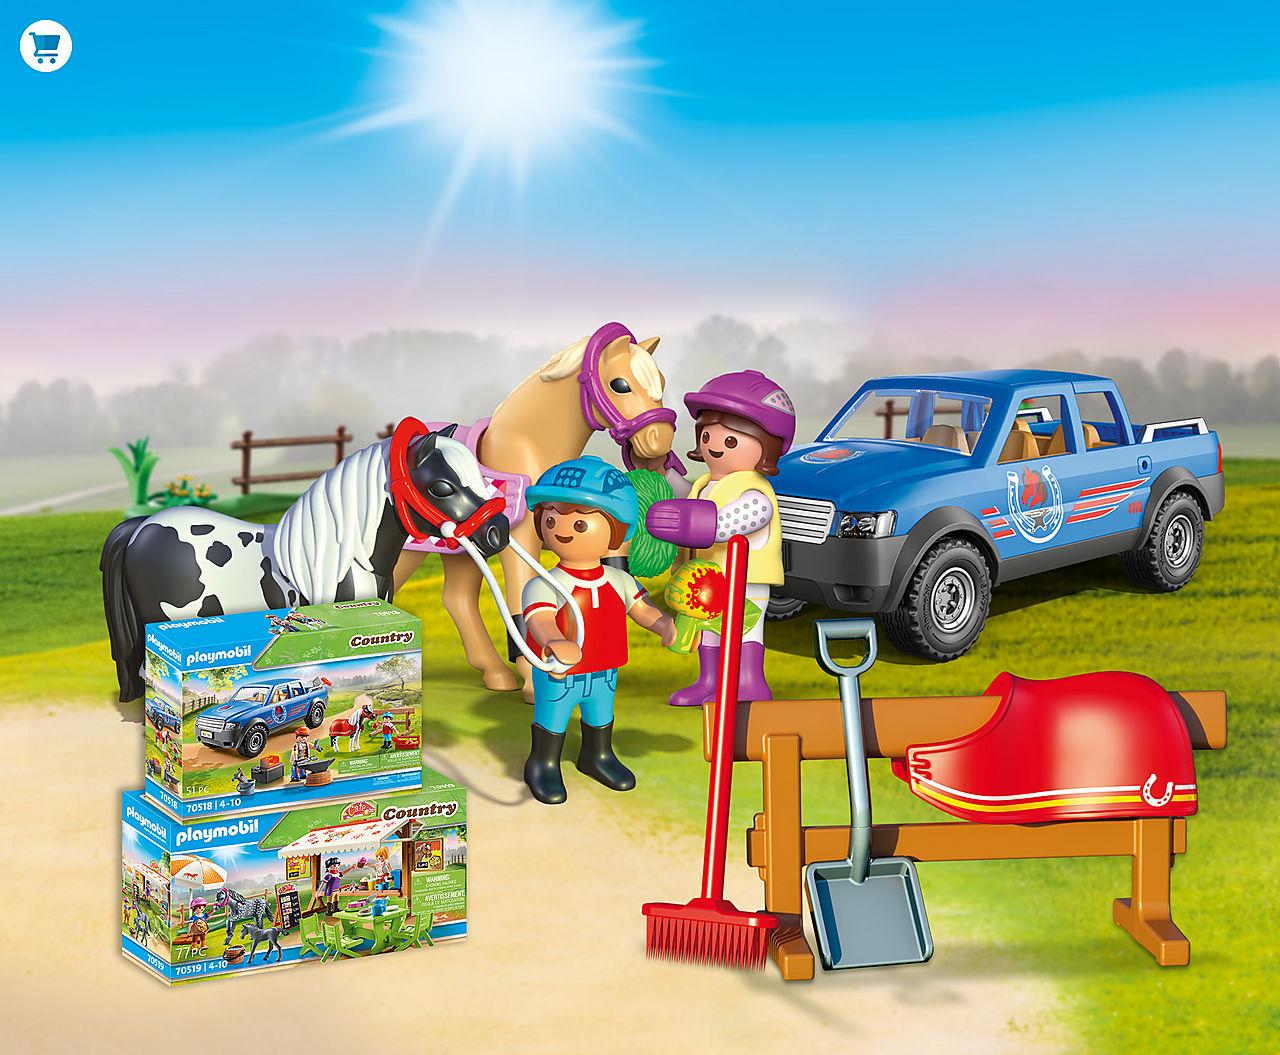 PLAYMOBIL Ponyfarm